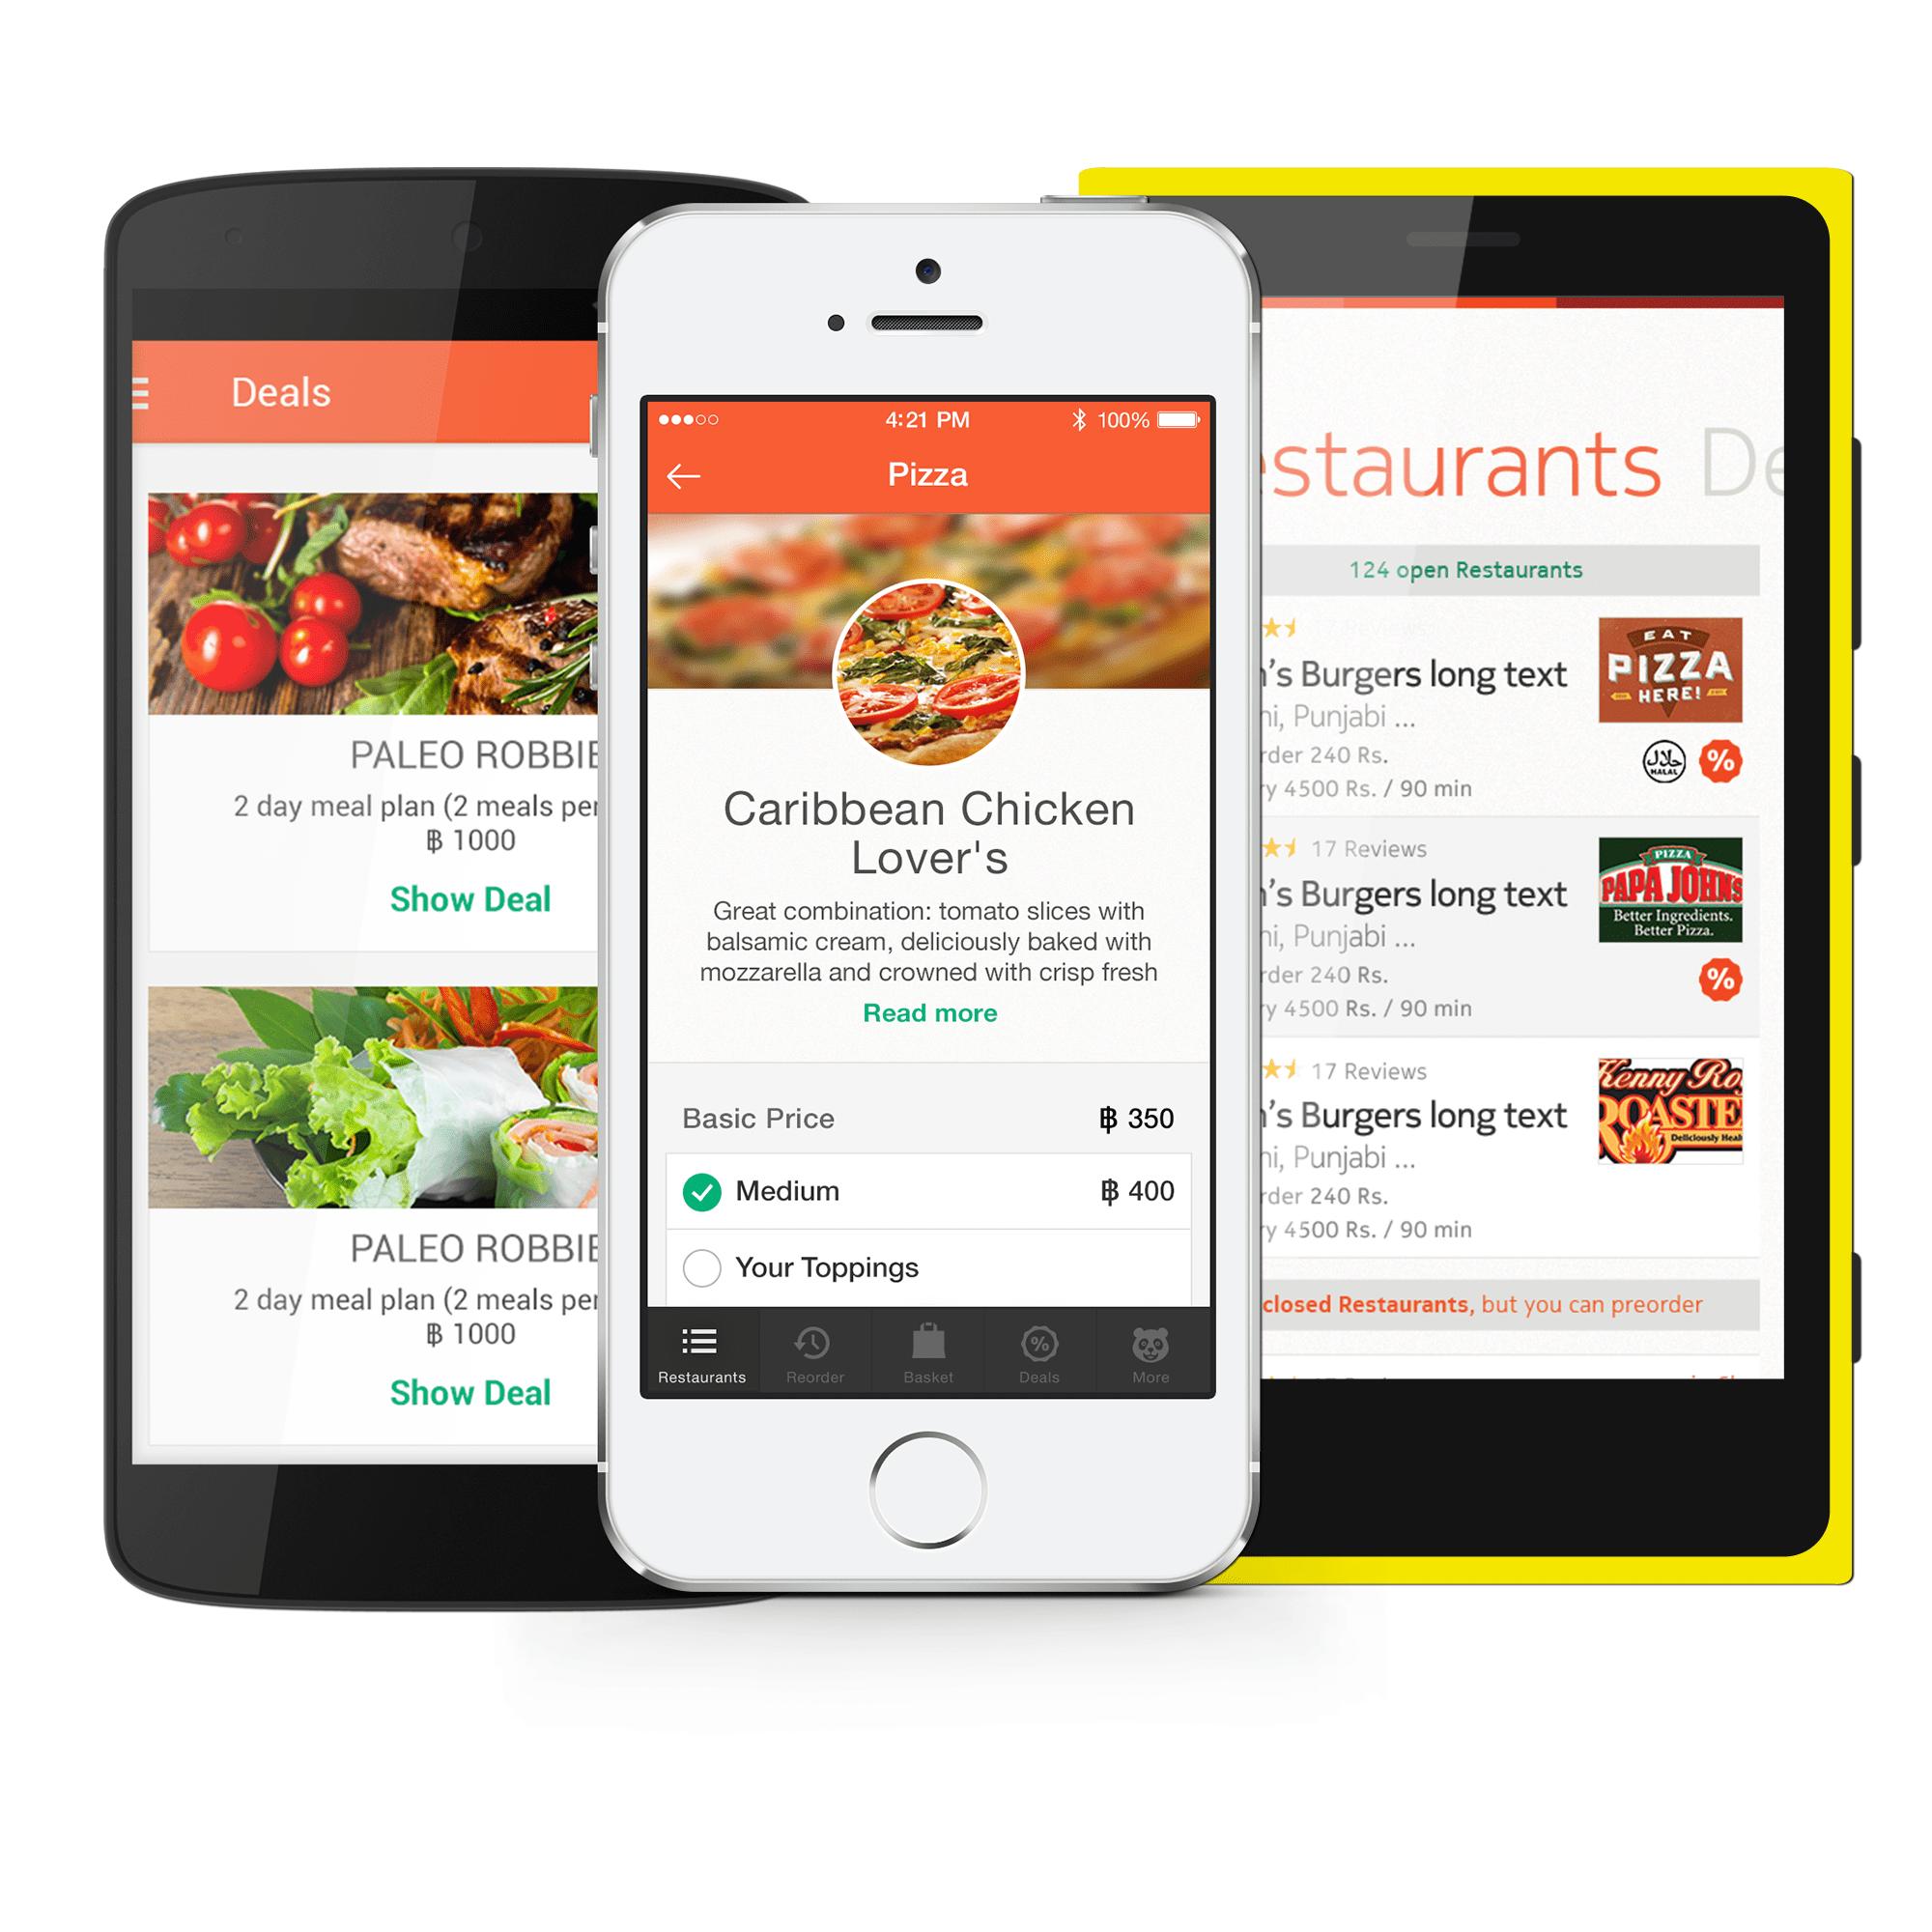 Giao diện mới của ứng dụng foodpanda - Foodpanda ra mắt phiên bản mới